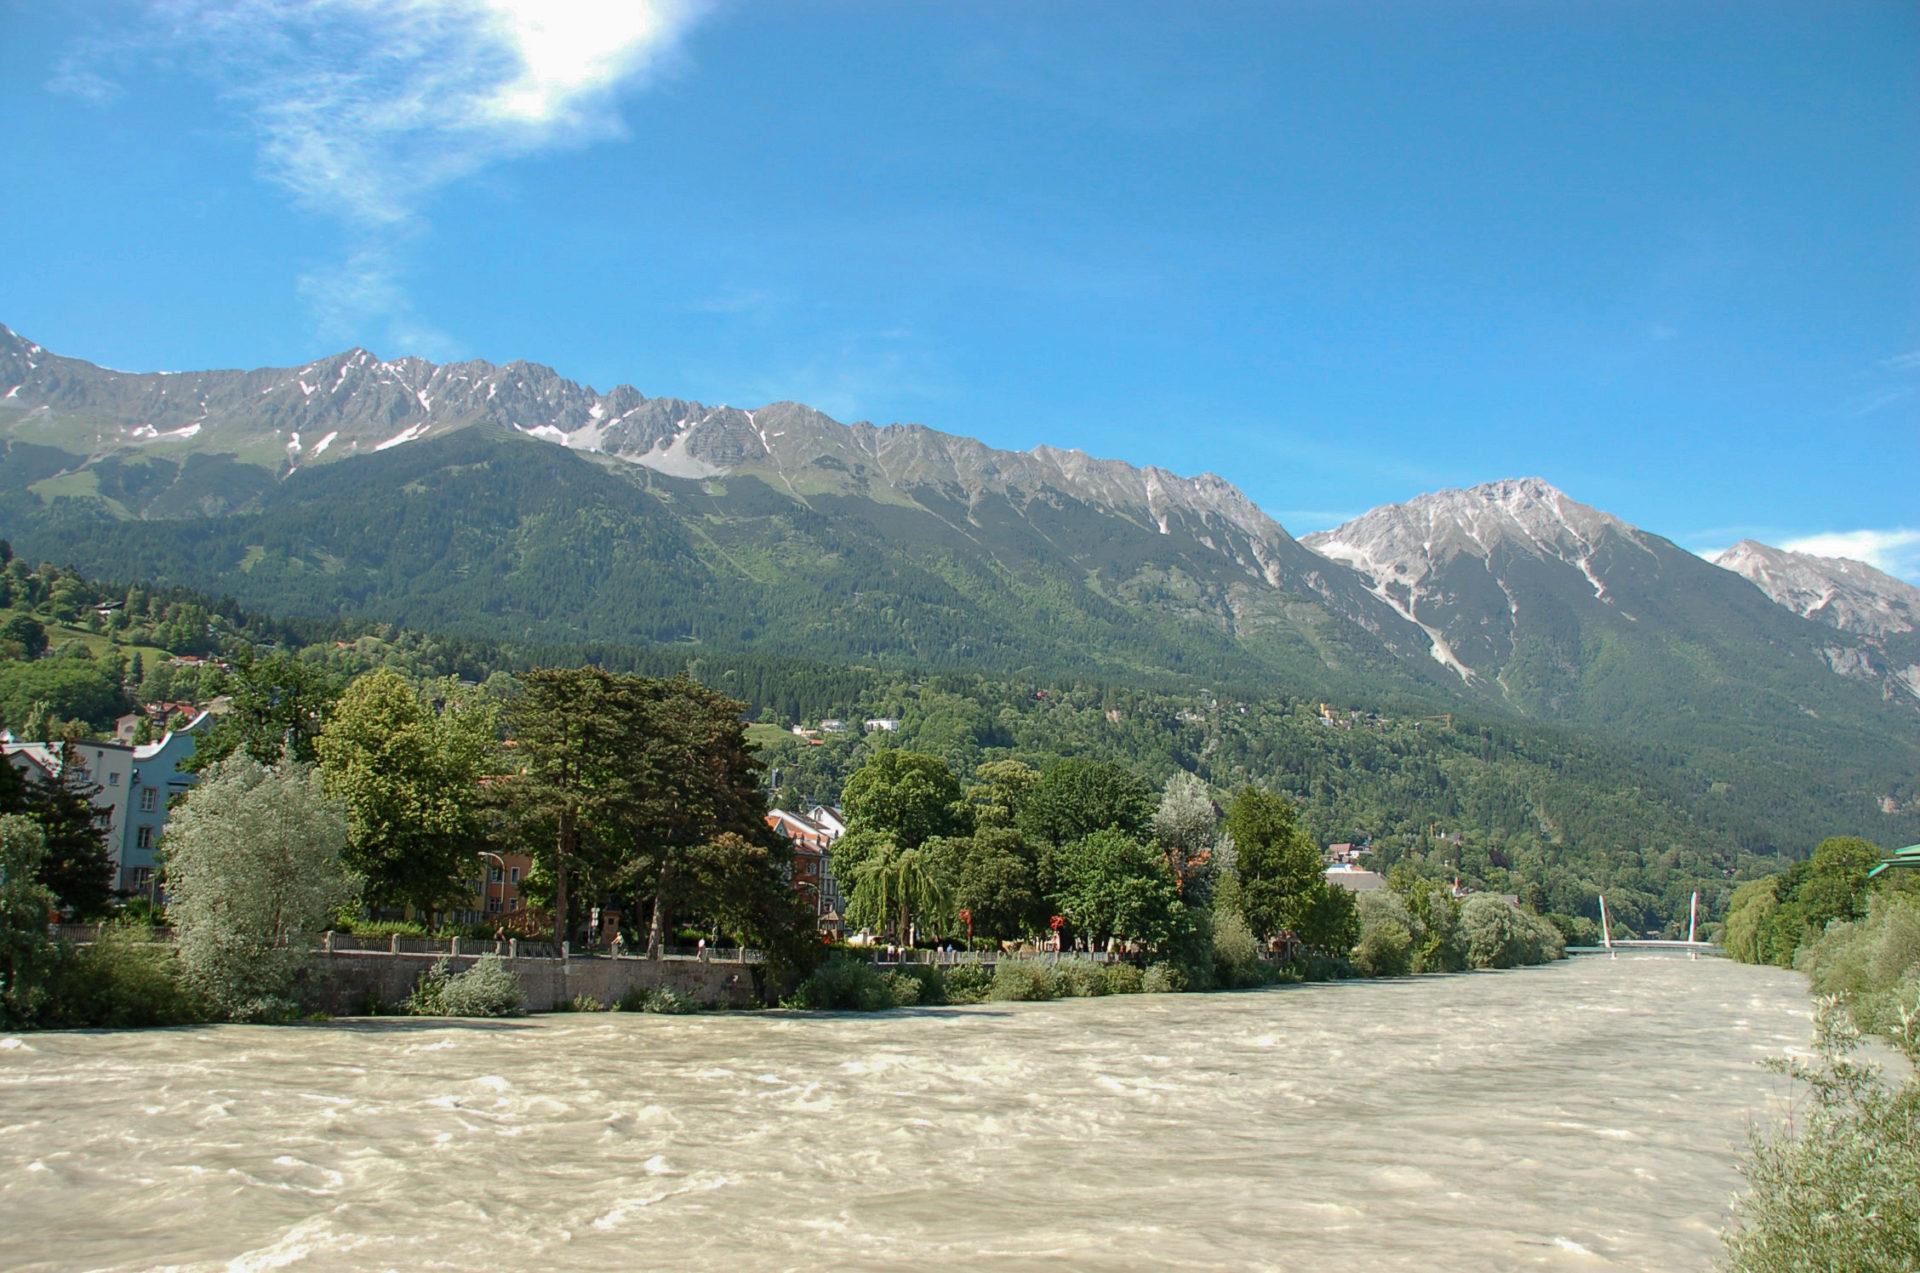 Der Innradweg verspricht Blicke auf die Alpen ohne Anstiege